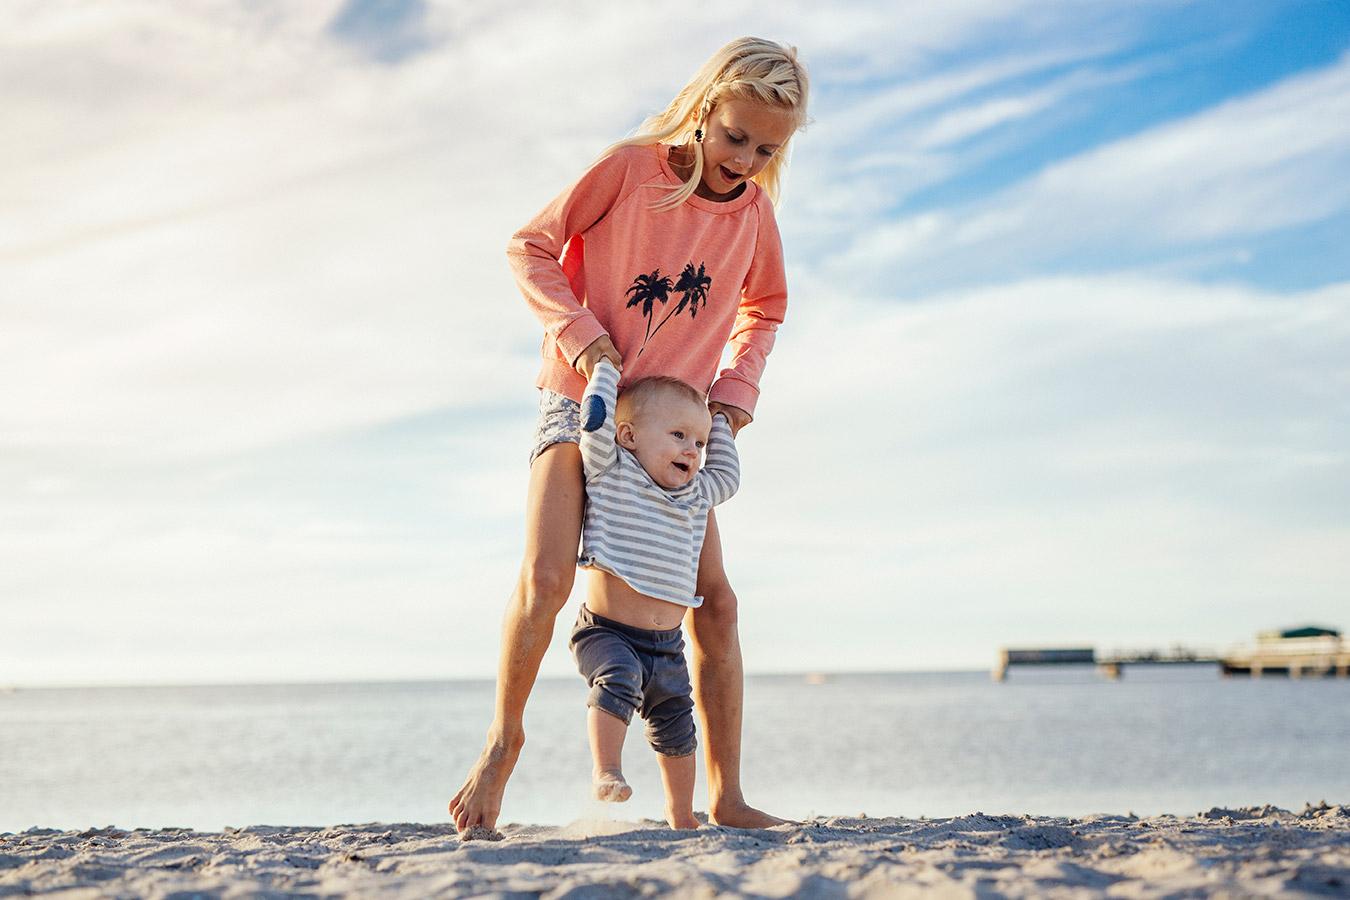 40 tygodniowe dziecko – Jak wygląda 40 tydzień życia dziecka?